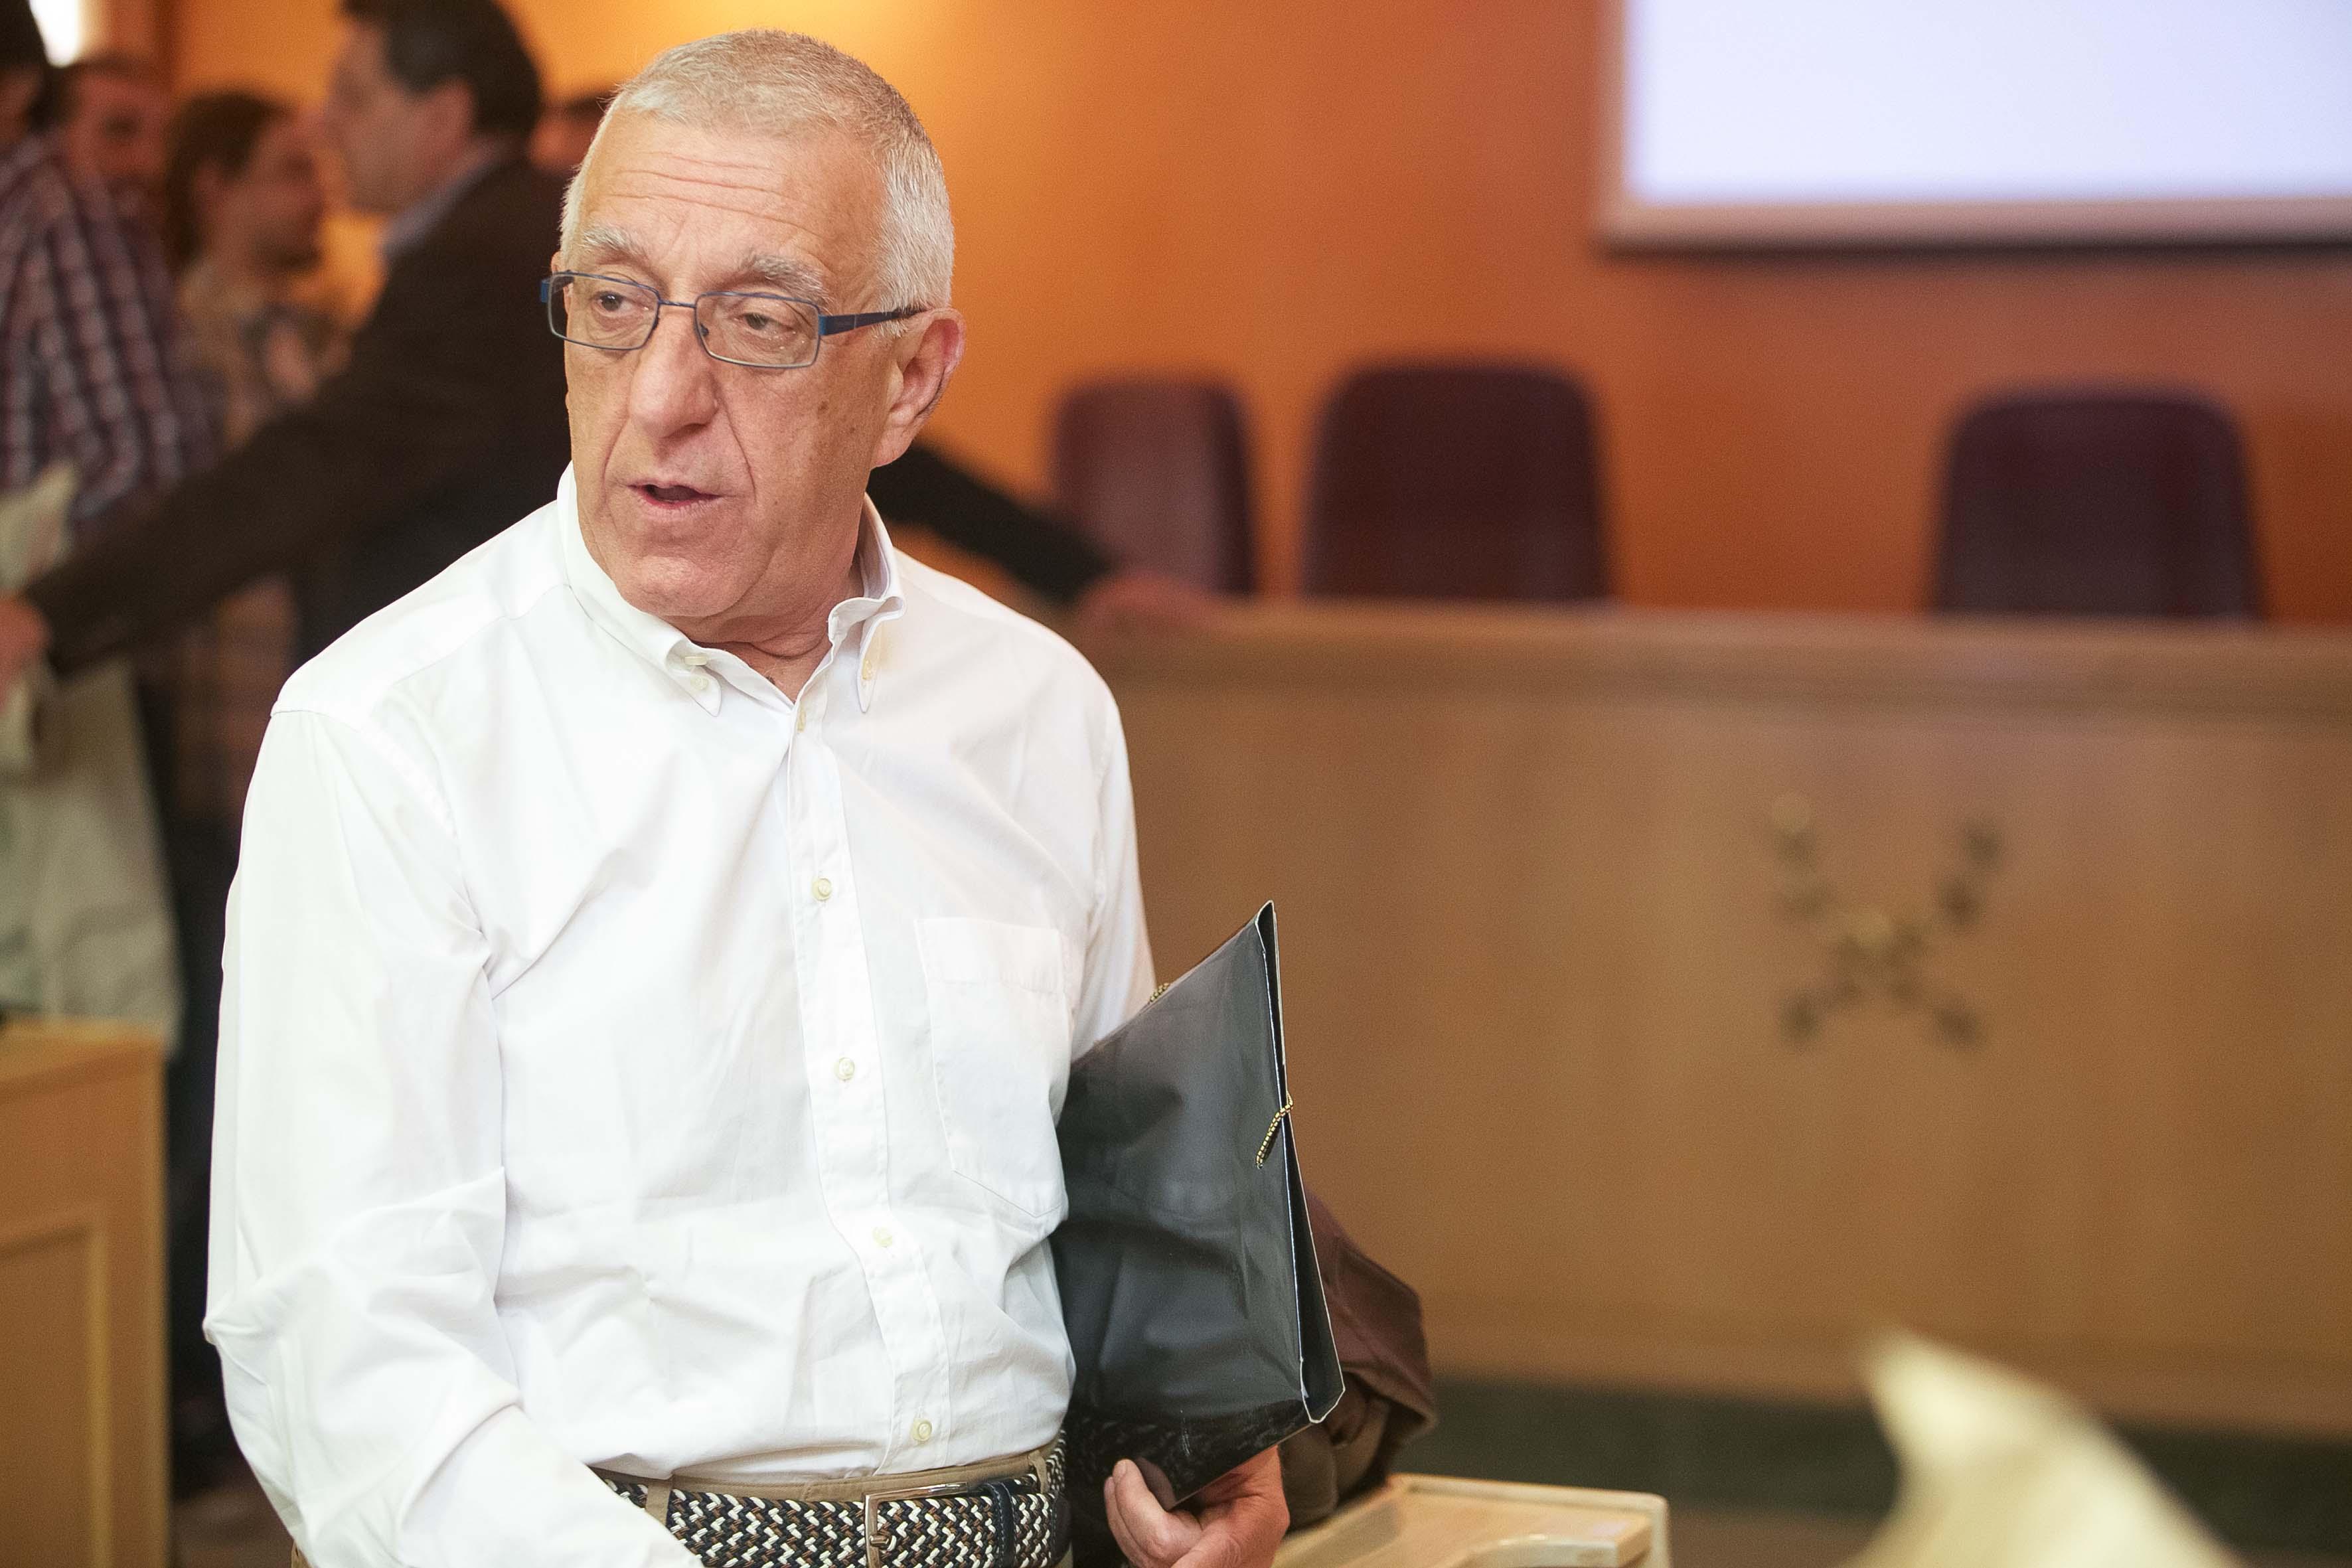 Κακλαμάνης: «Ο Σπηλιωτόπουλος μου θυμίζει «Το Ποτάμι»»   tovima.gr